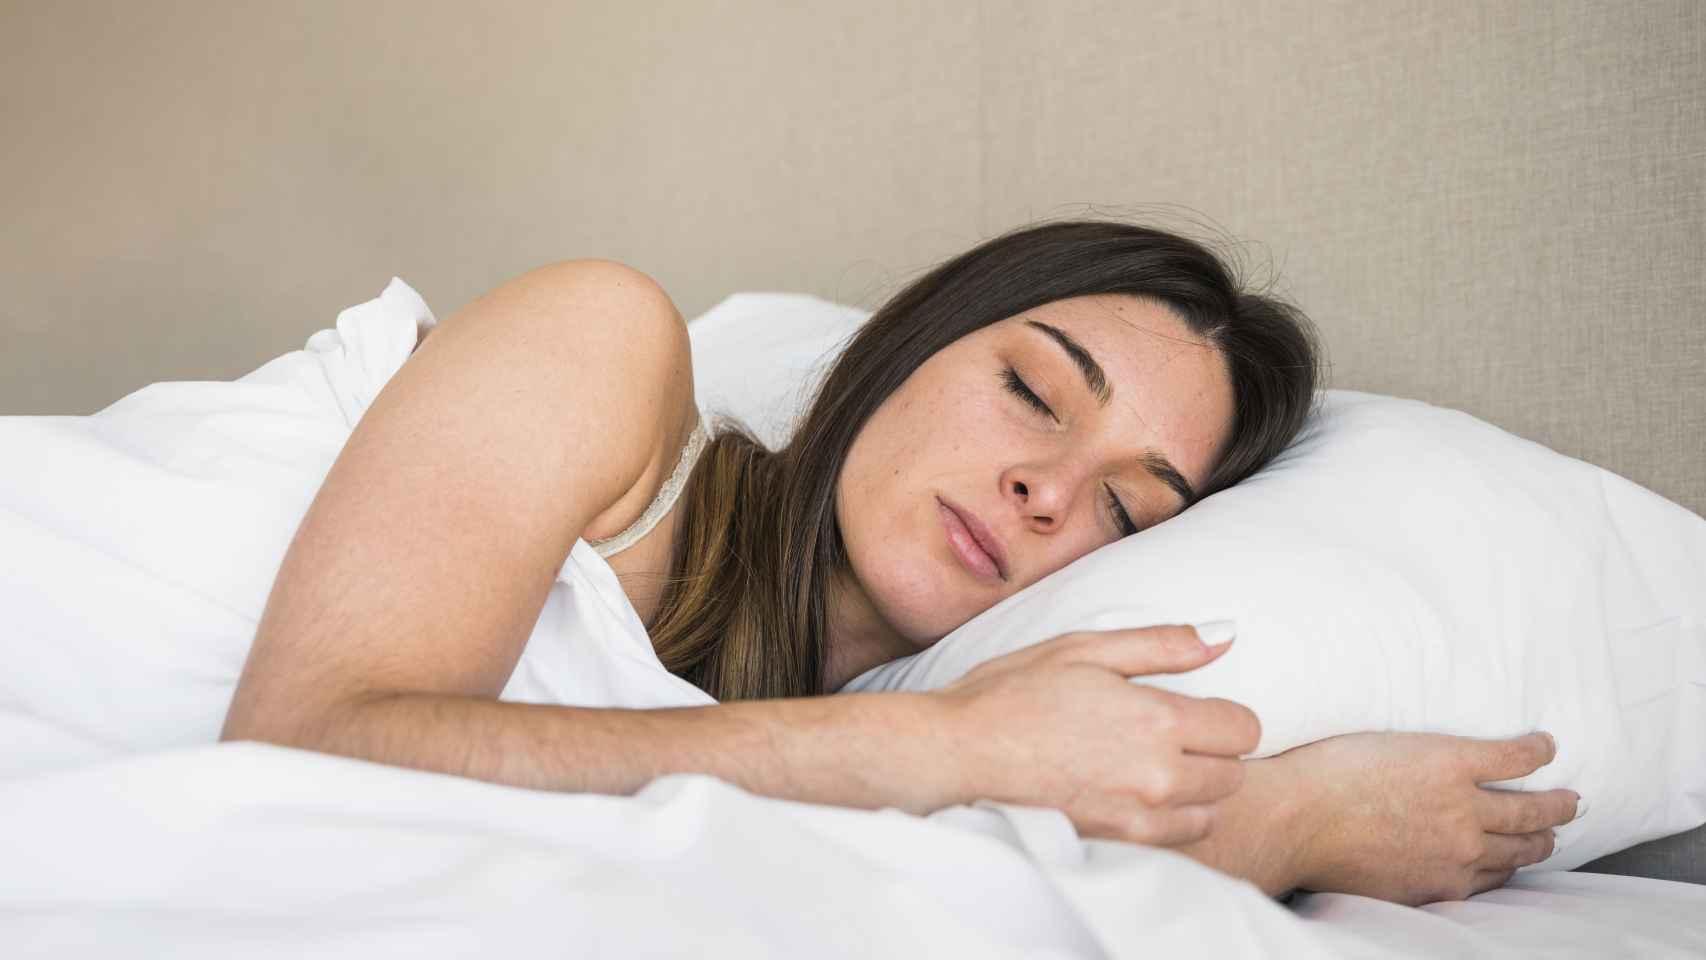 Qué Significa Soñar Que Estás Desnudo El Significado De Los Sueños